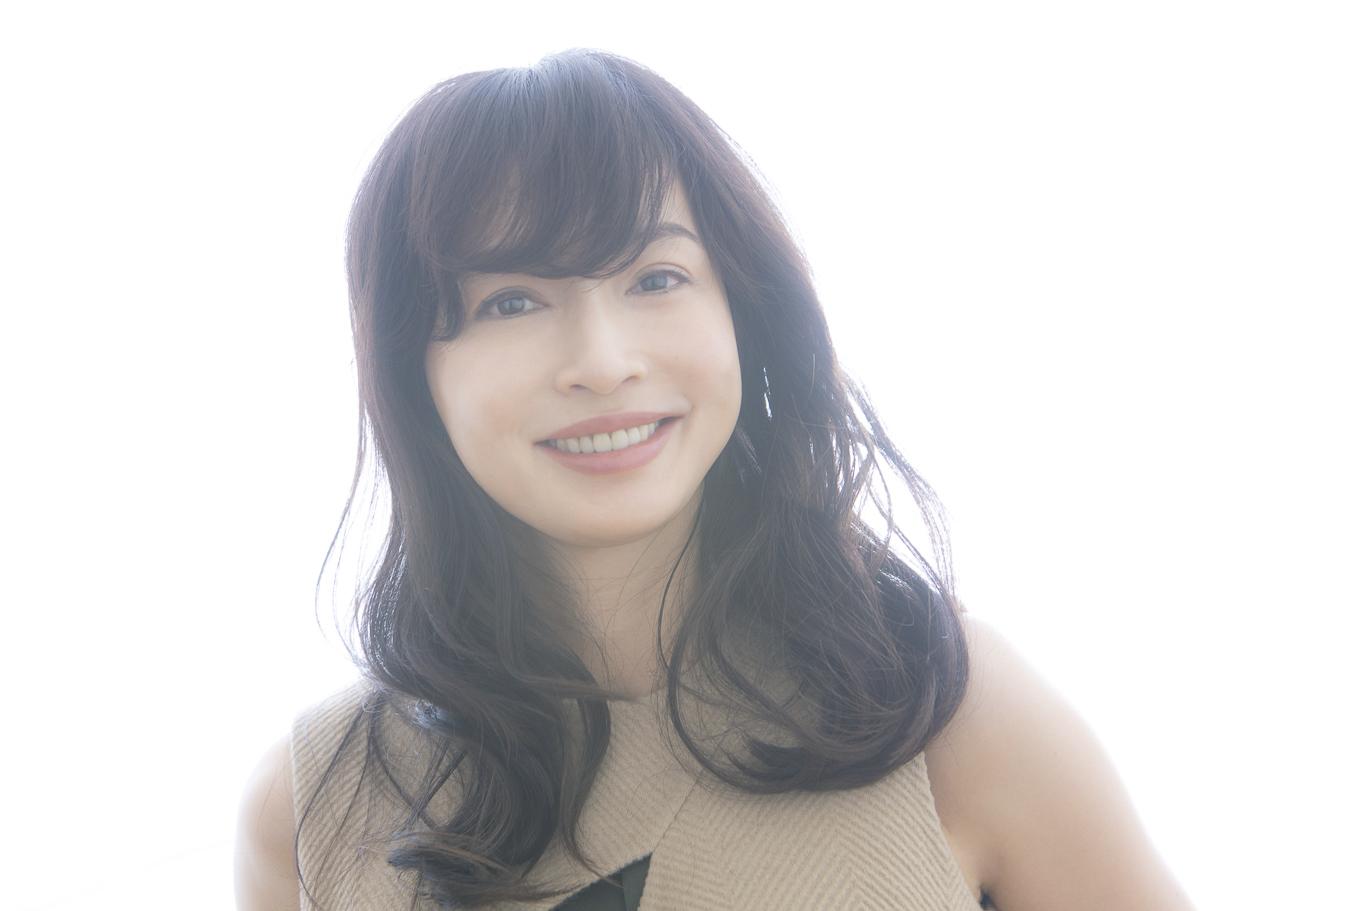 子ども優先? 自分優先? 女優でもあり母でもある、長谷川京子が選んだ「3つ目の道」